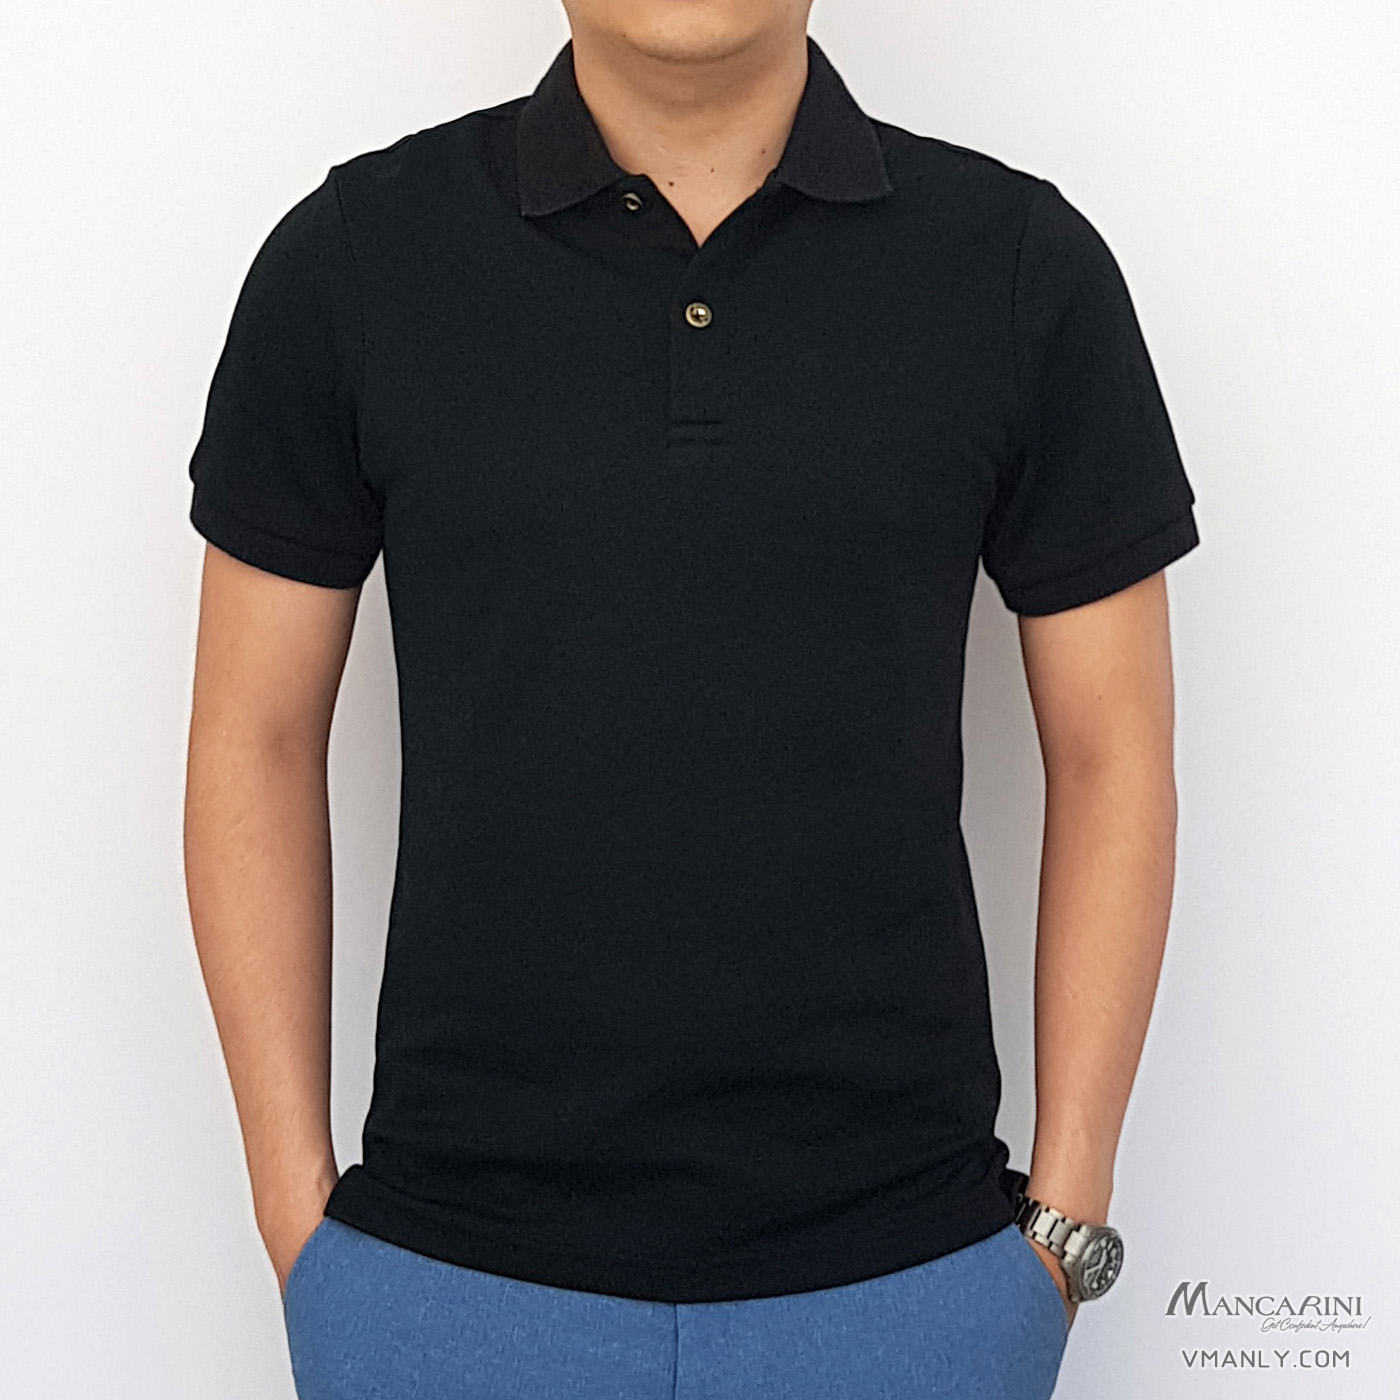 Áo polo nam Mancarini áo thun cổ bẻ màu đen 1AP009213